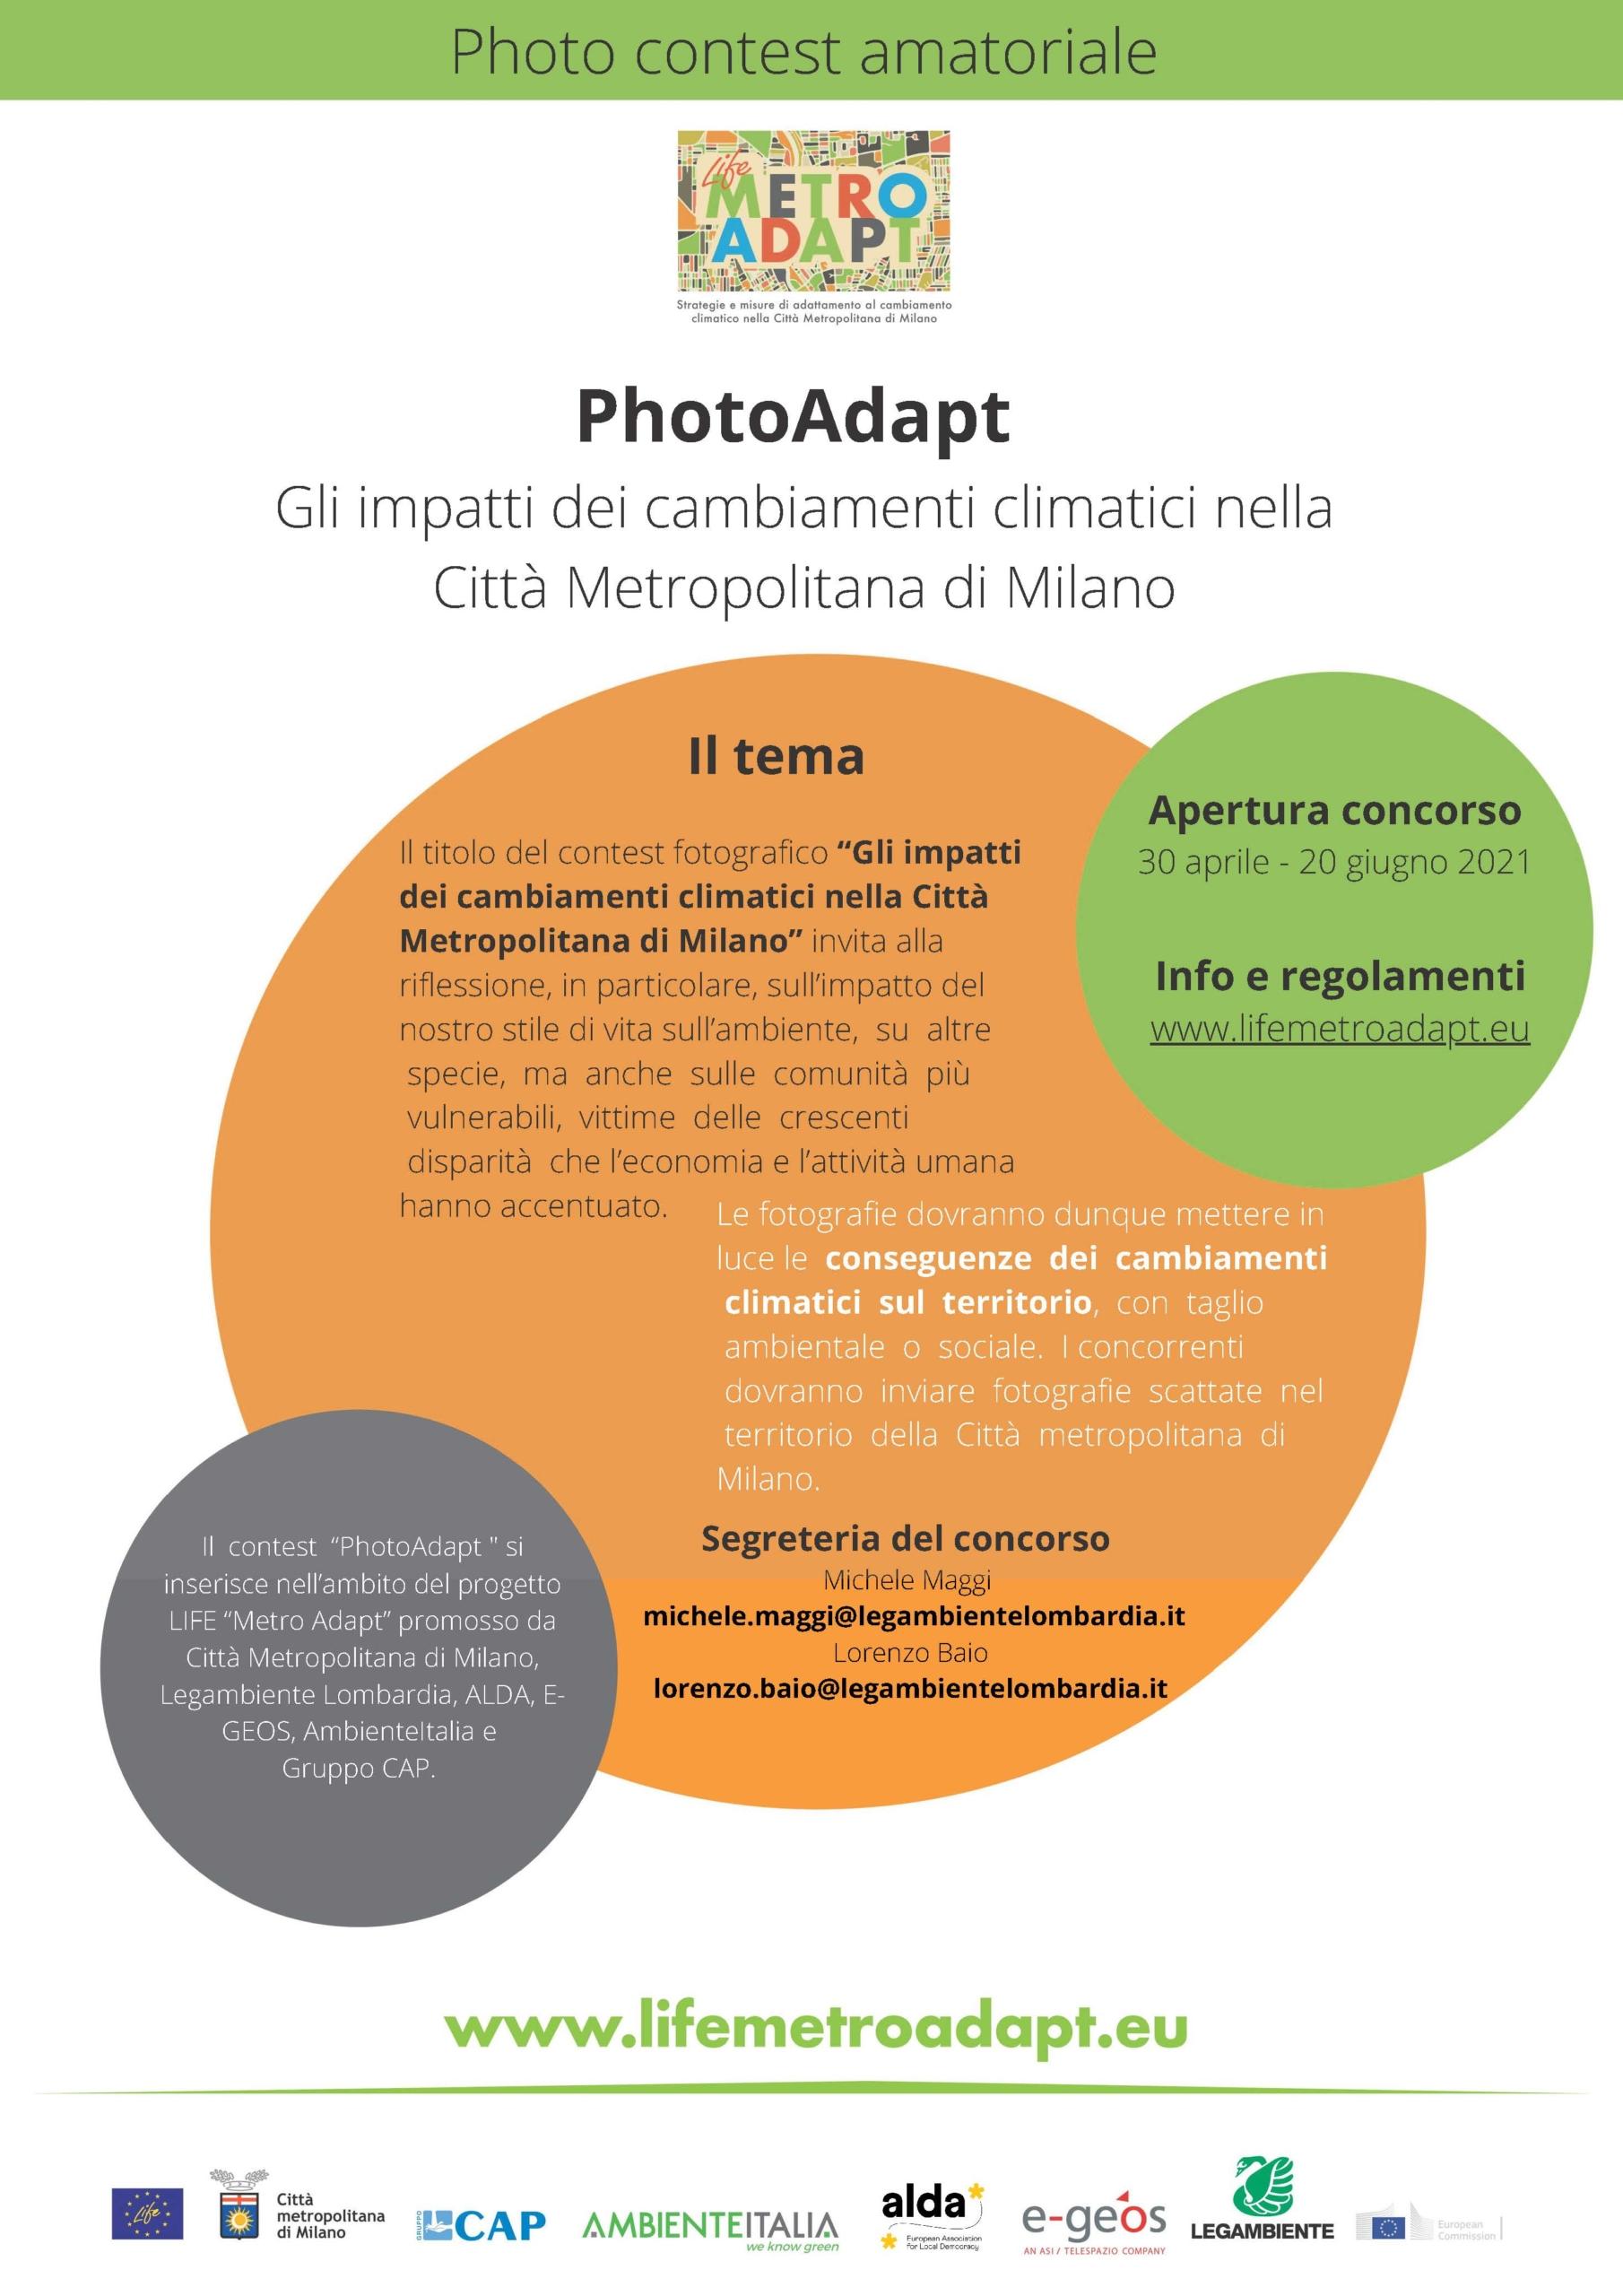 photo-adapt:-al-via-il-concorso-fotografico-sui-cambiamenti-climatici-nella-citta-metropolitana-di-milano,-legambiente-lombardia,-ambiente-italia,-gruppo-cap,-e-geos-e-alda.